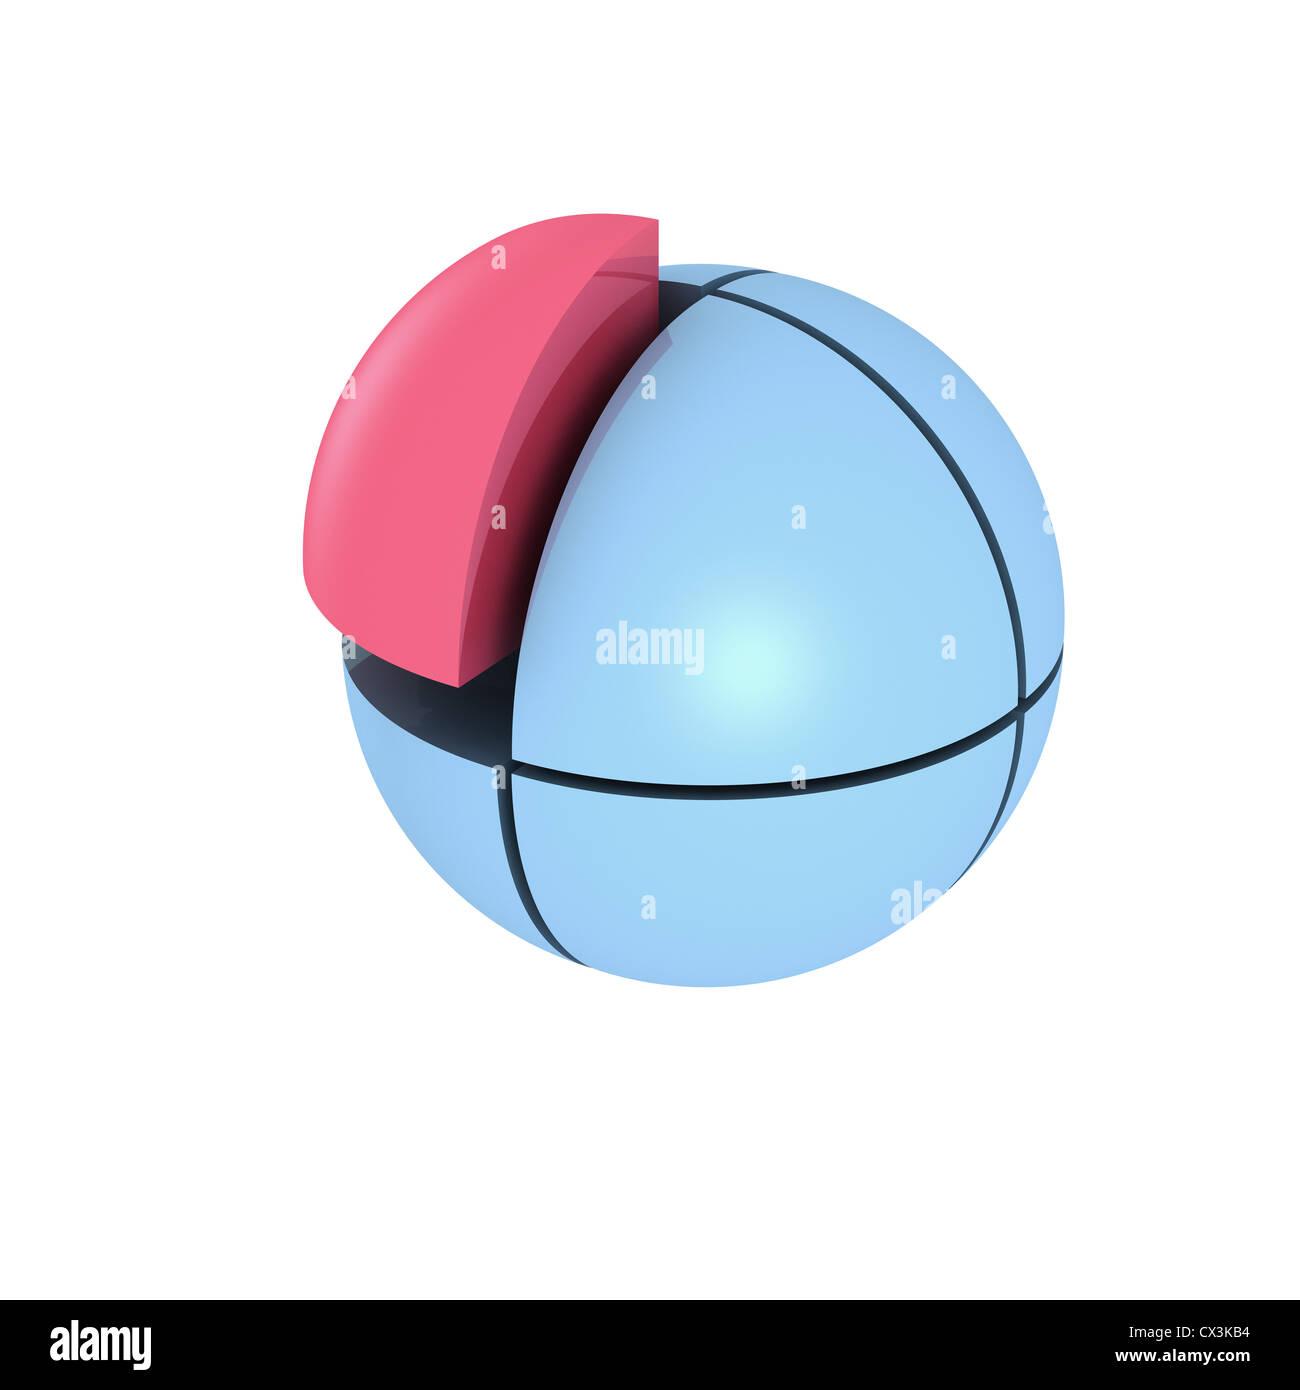 Blaue Kugel aus 8 Unfallhilfe, Ein abschwenken ist Rot - blaue Kugel aus 8 Teile, 1 Teil ist rot Stockbild